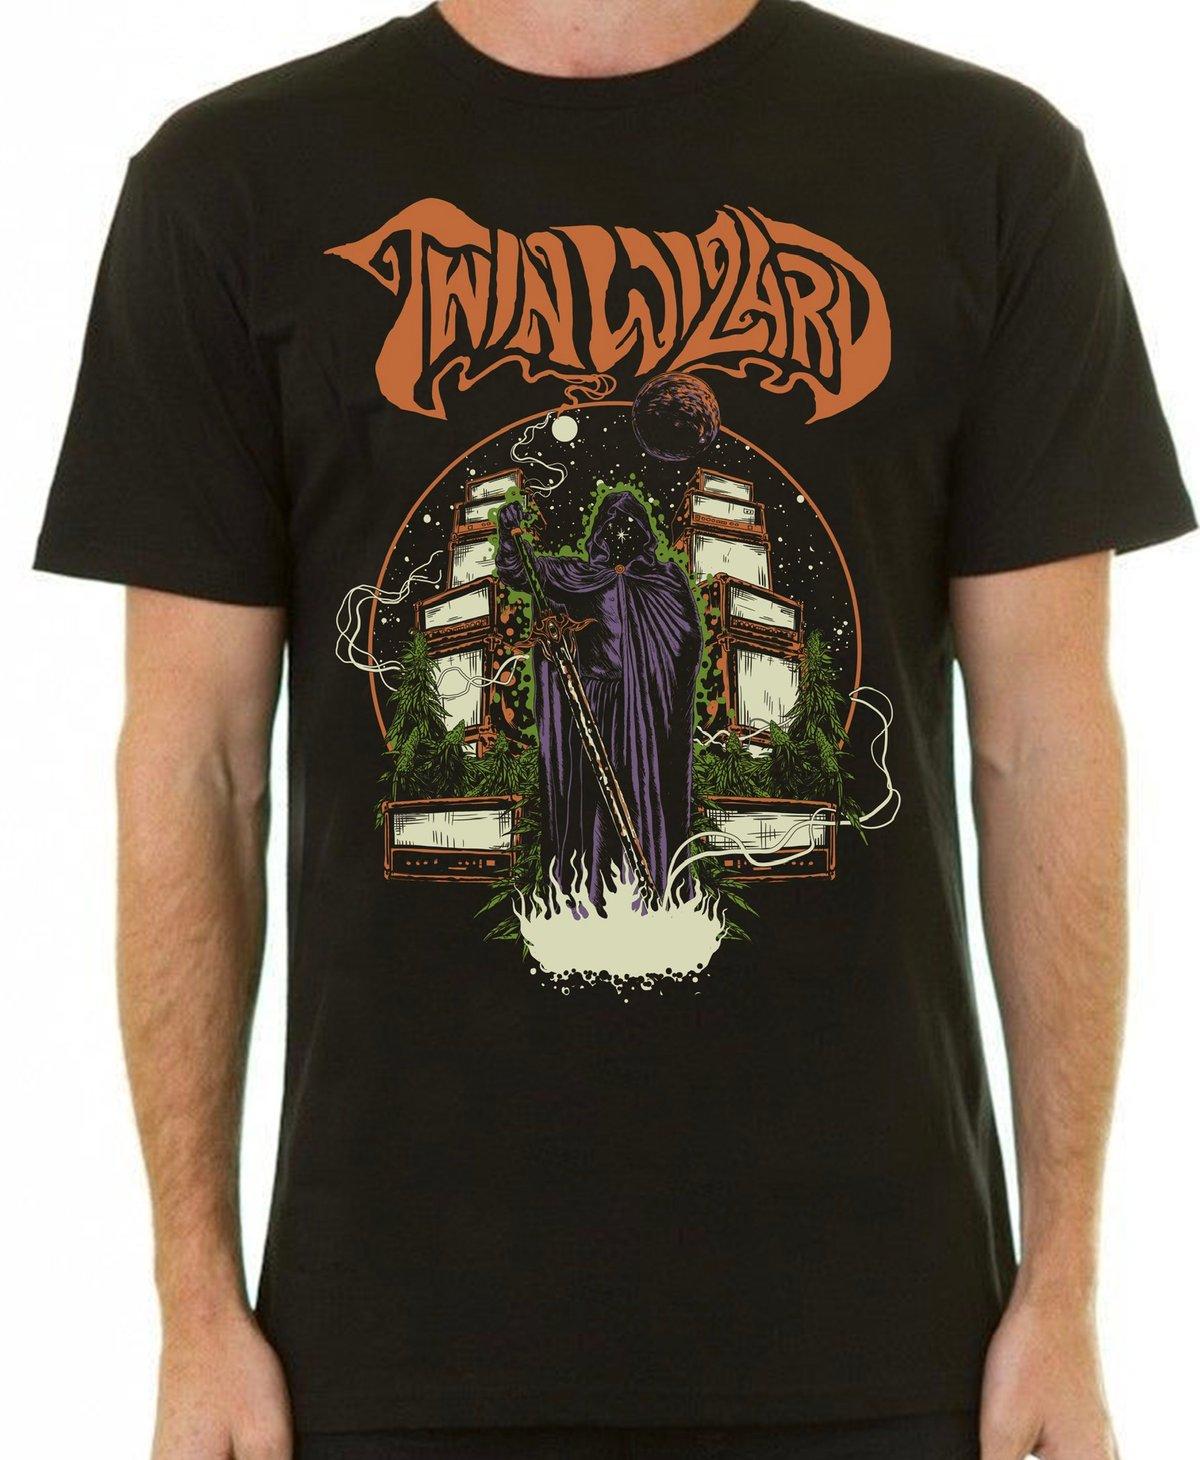 Image of Weedzard Knight T-Shirt